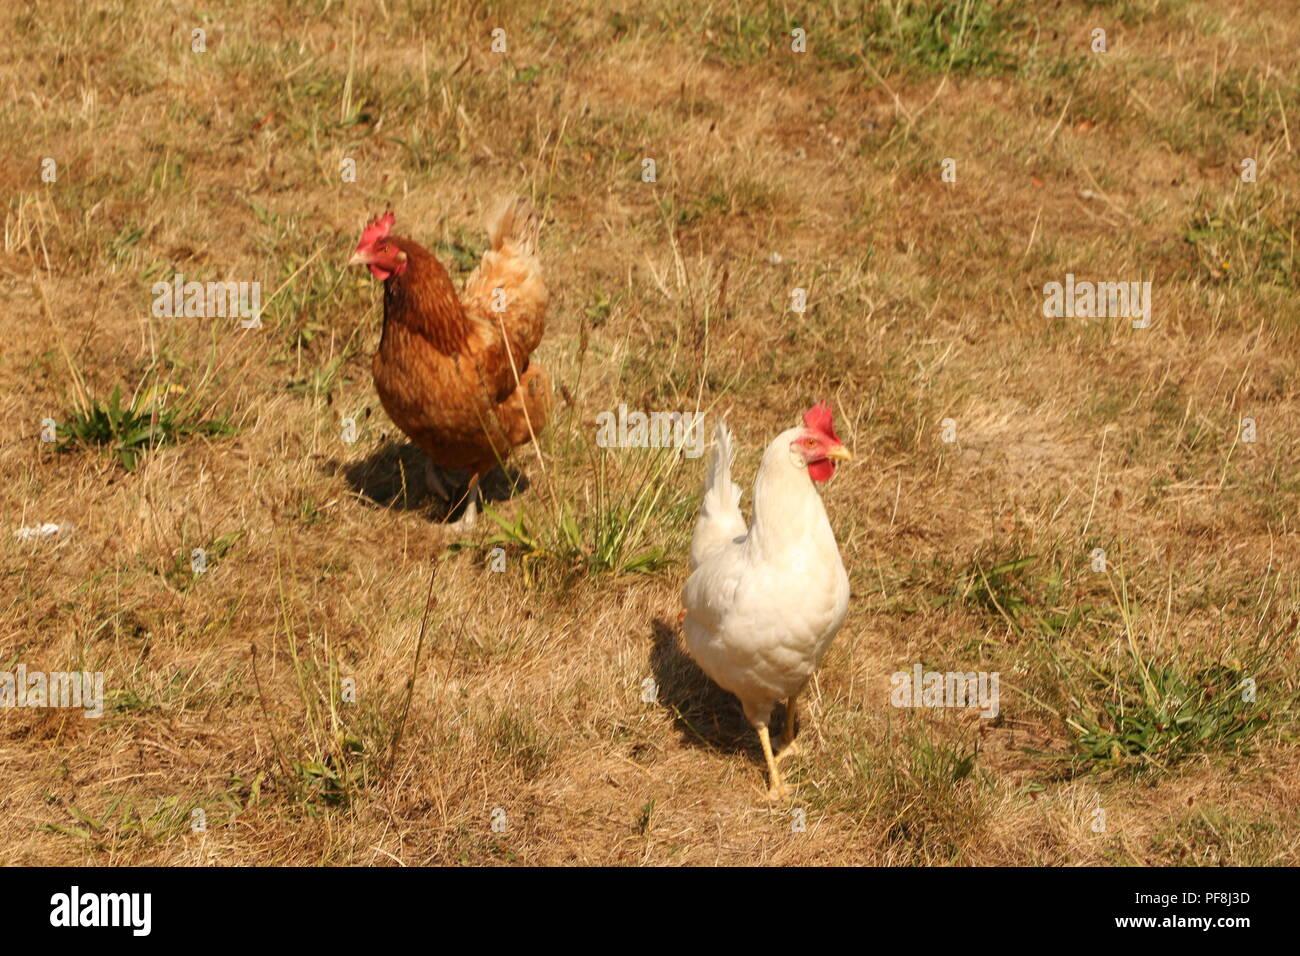 Hühner auf einer Hühnerfarm in Visbeck im Sauerland Stock Photo